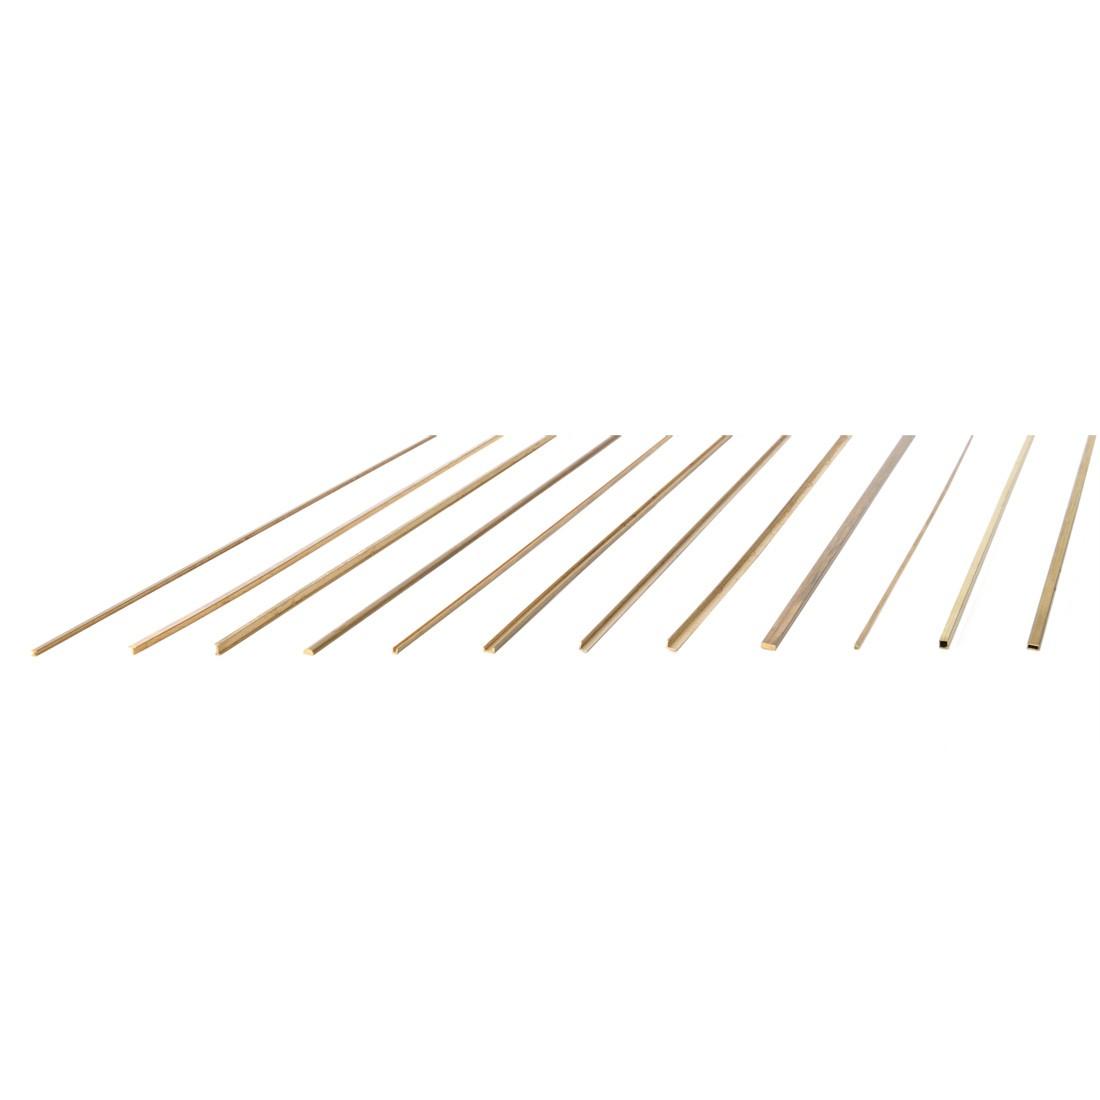 Microprofilati Ottone mm. 2x2x500 sez. T